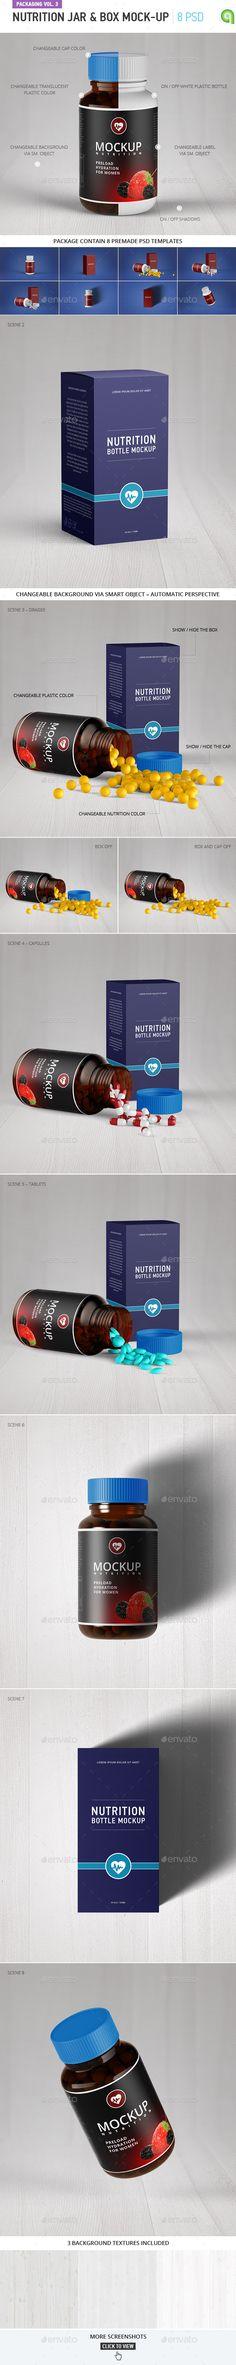 Nutrition jar and box mock-up #design Download: http://graphicriver.net/item/nutrition-jar-and-box-mockup/12221628?ref=ksioks